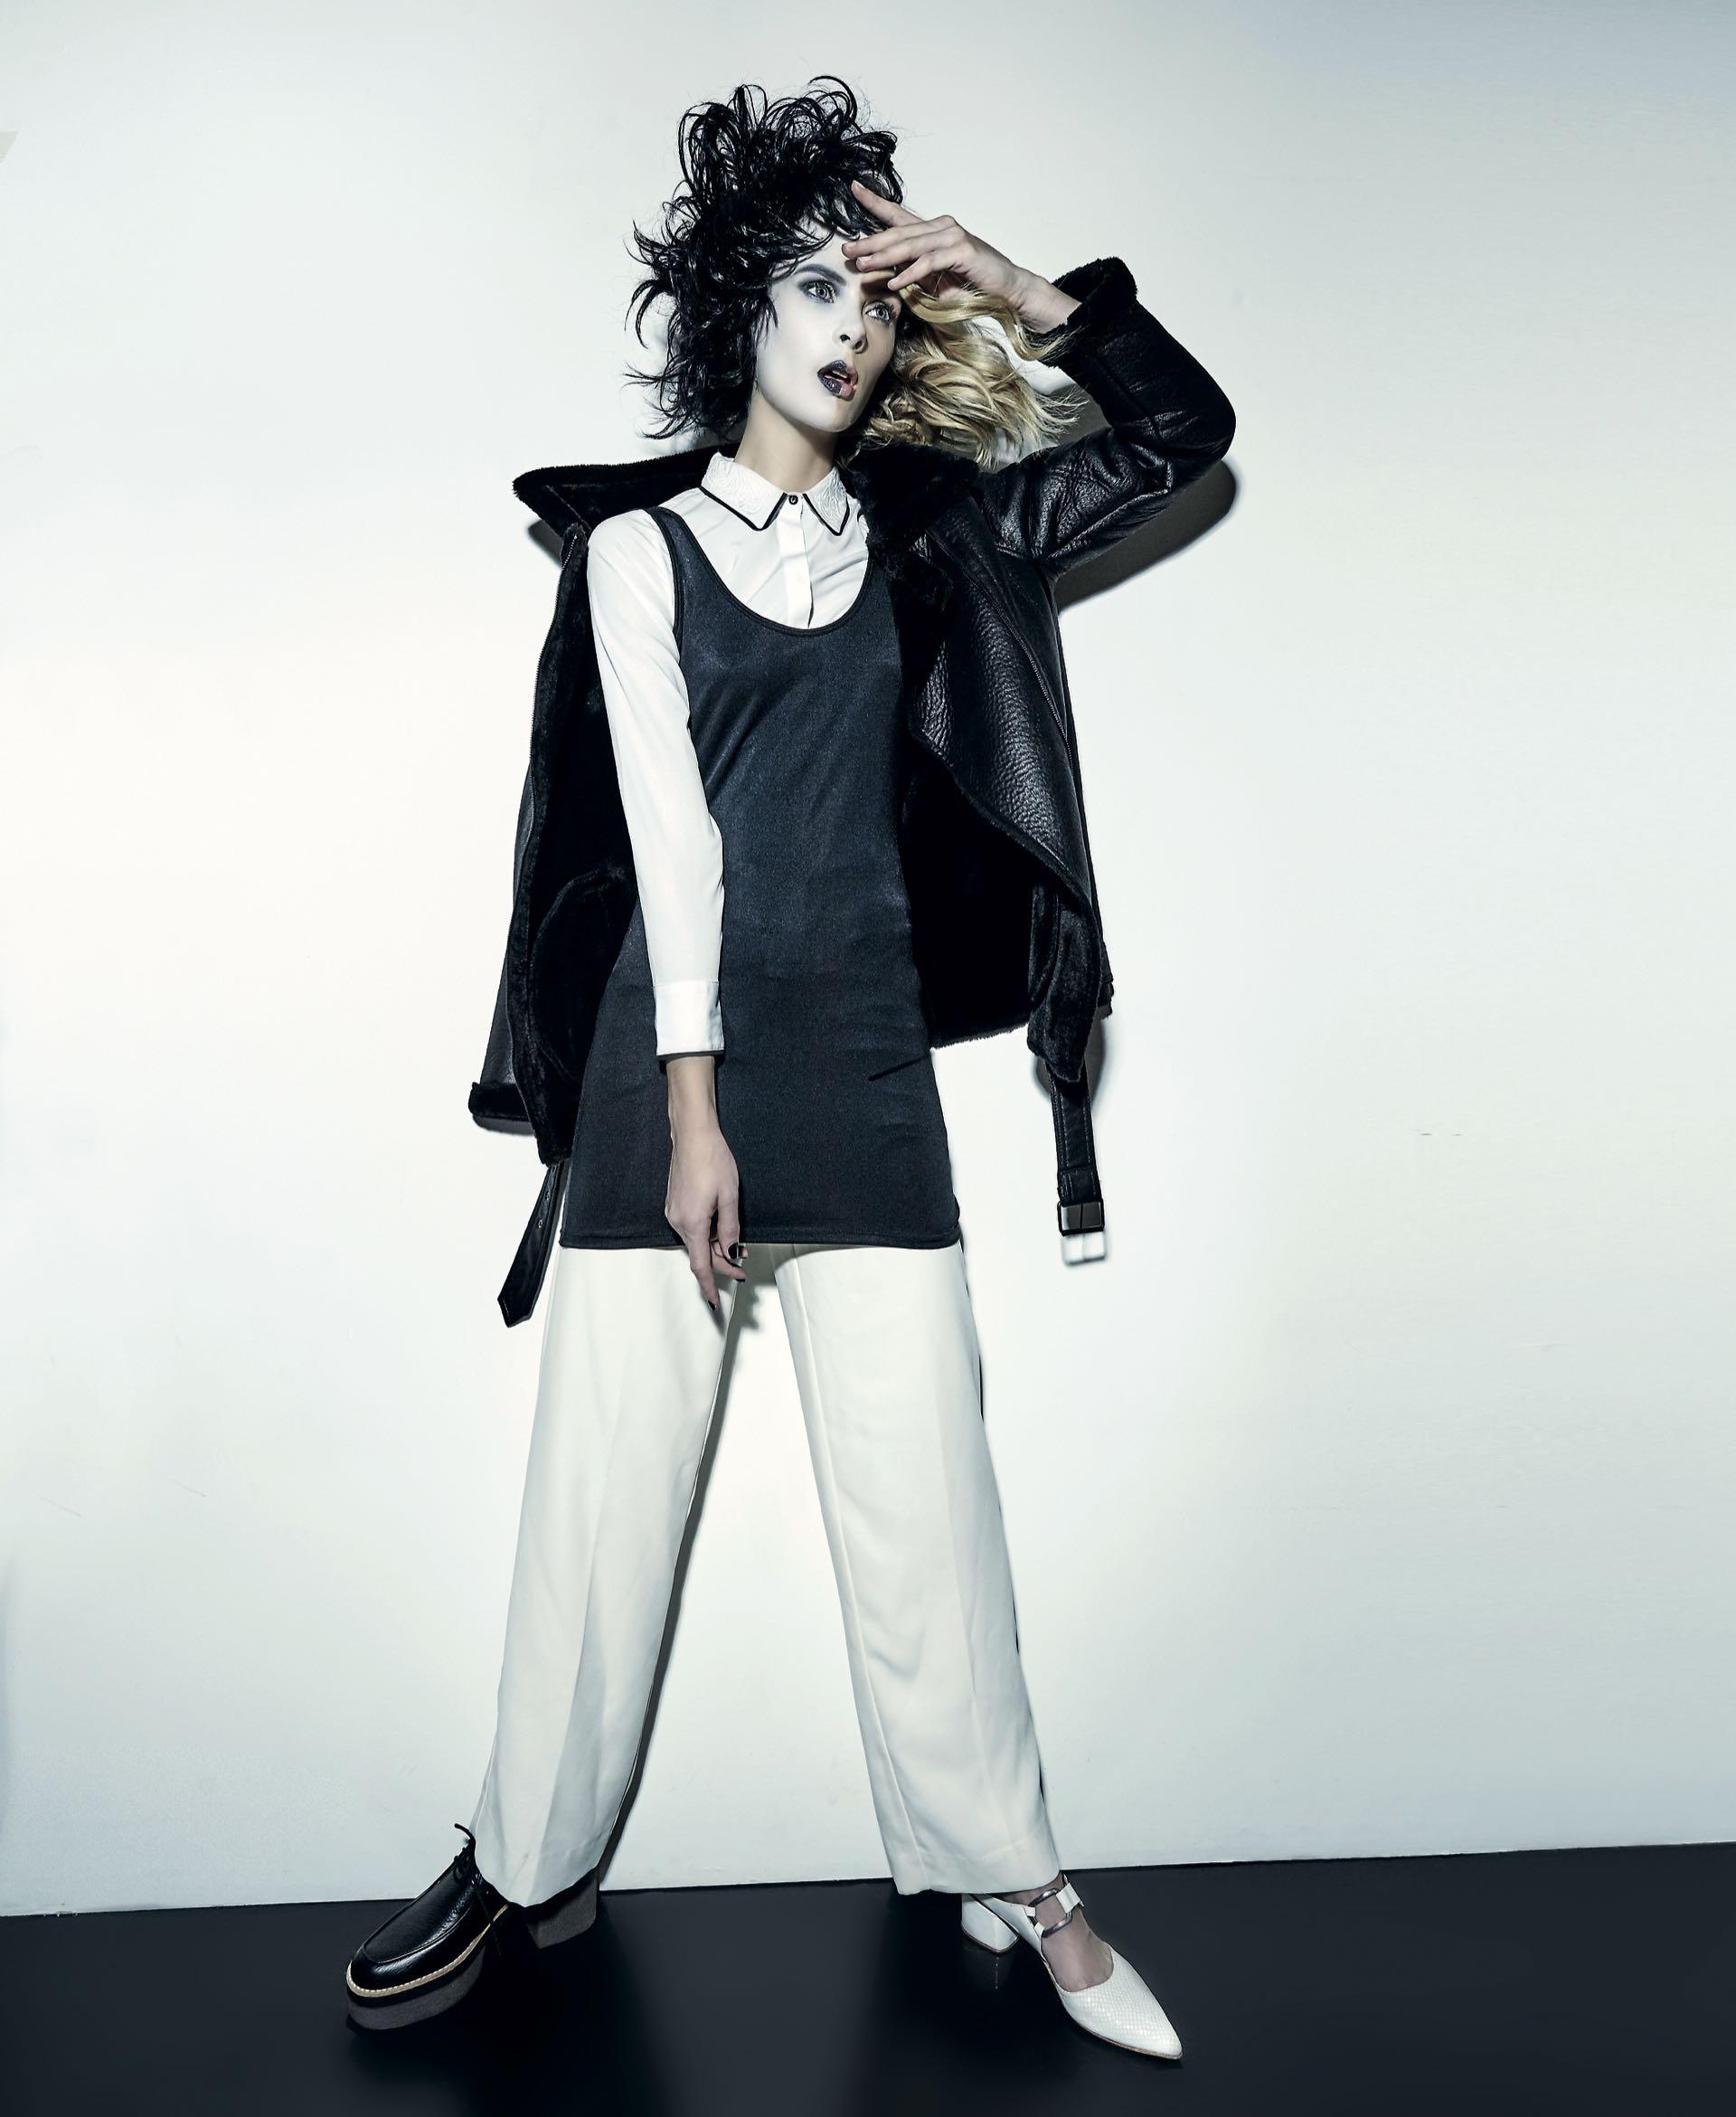 Campera de cuero con piel sintética ($ 4.200, India Style), vestido de Lycra ($ 462, Scombro), camisa con cuello bordado ($ 1.499, Yagmour), pantalón ancho de cintura alta (Vitamina), acordonado de cuero con base de goma($ 2.700, Viamo) y zueco de cuero grabado con hebilla($ 5.200, Uma).